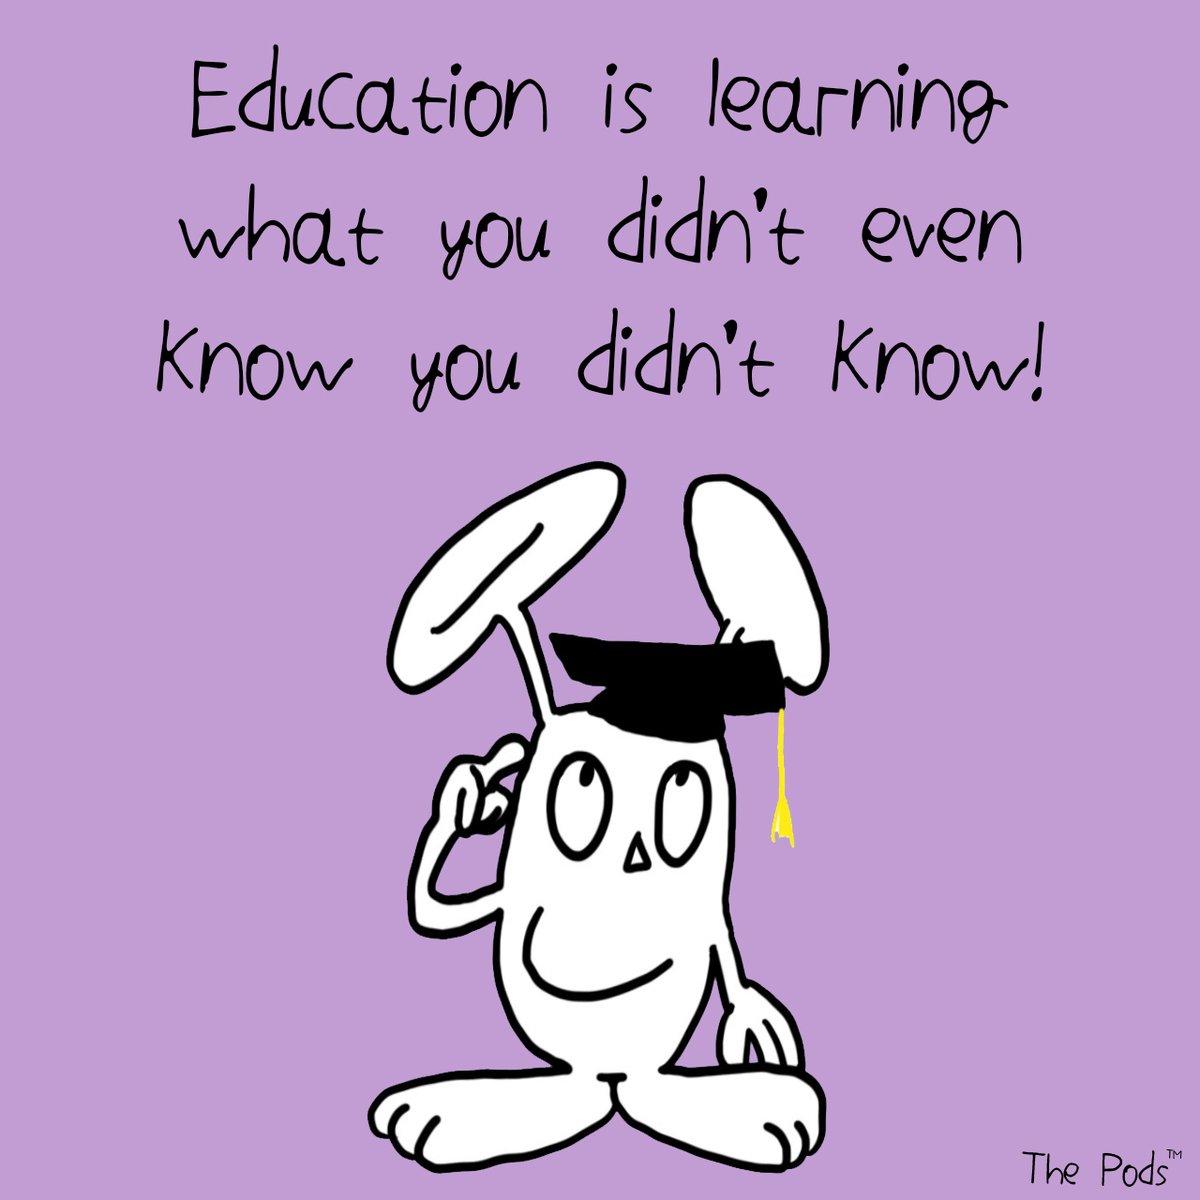 Happy #EducationDay! #sundayvibes #SundayMorning #SundayThoughts #InternationalEducationDay